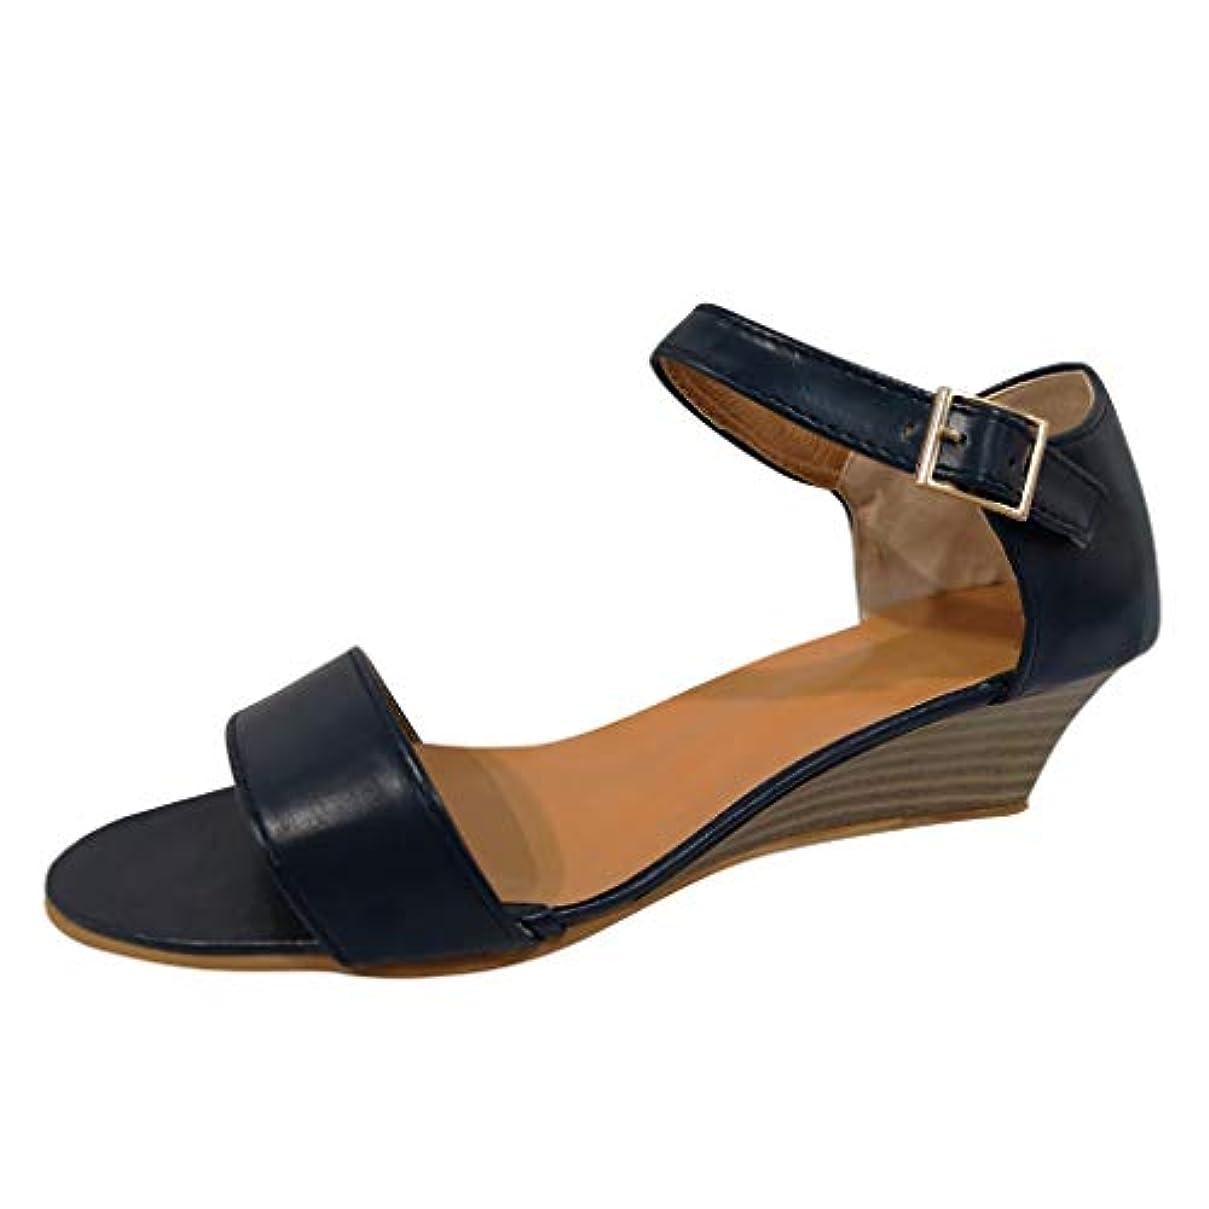 ホイッスルガロン個人的に美脚 ウェッジソール Foreted ミュール サンダル ローヒール 黒 ウエッジ 靴 歩きやすい 疲れないカジュアル コンフォートサンダル ストラップ 痛くない